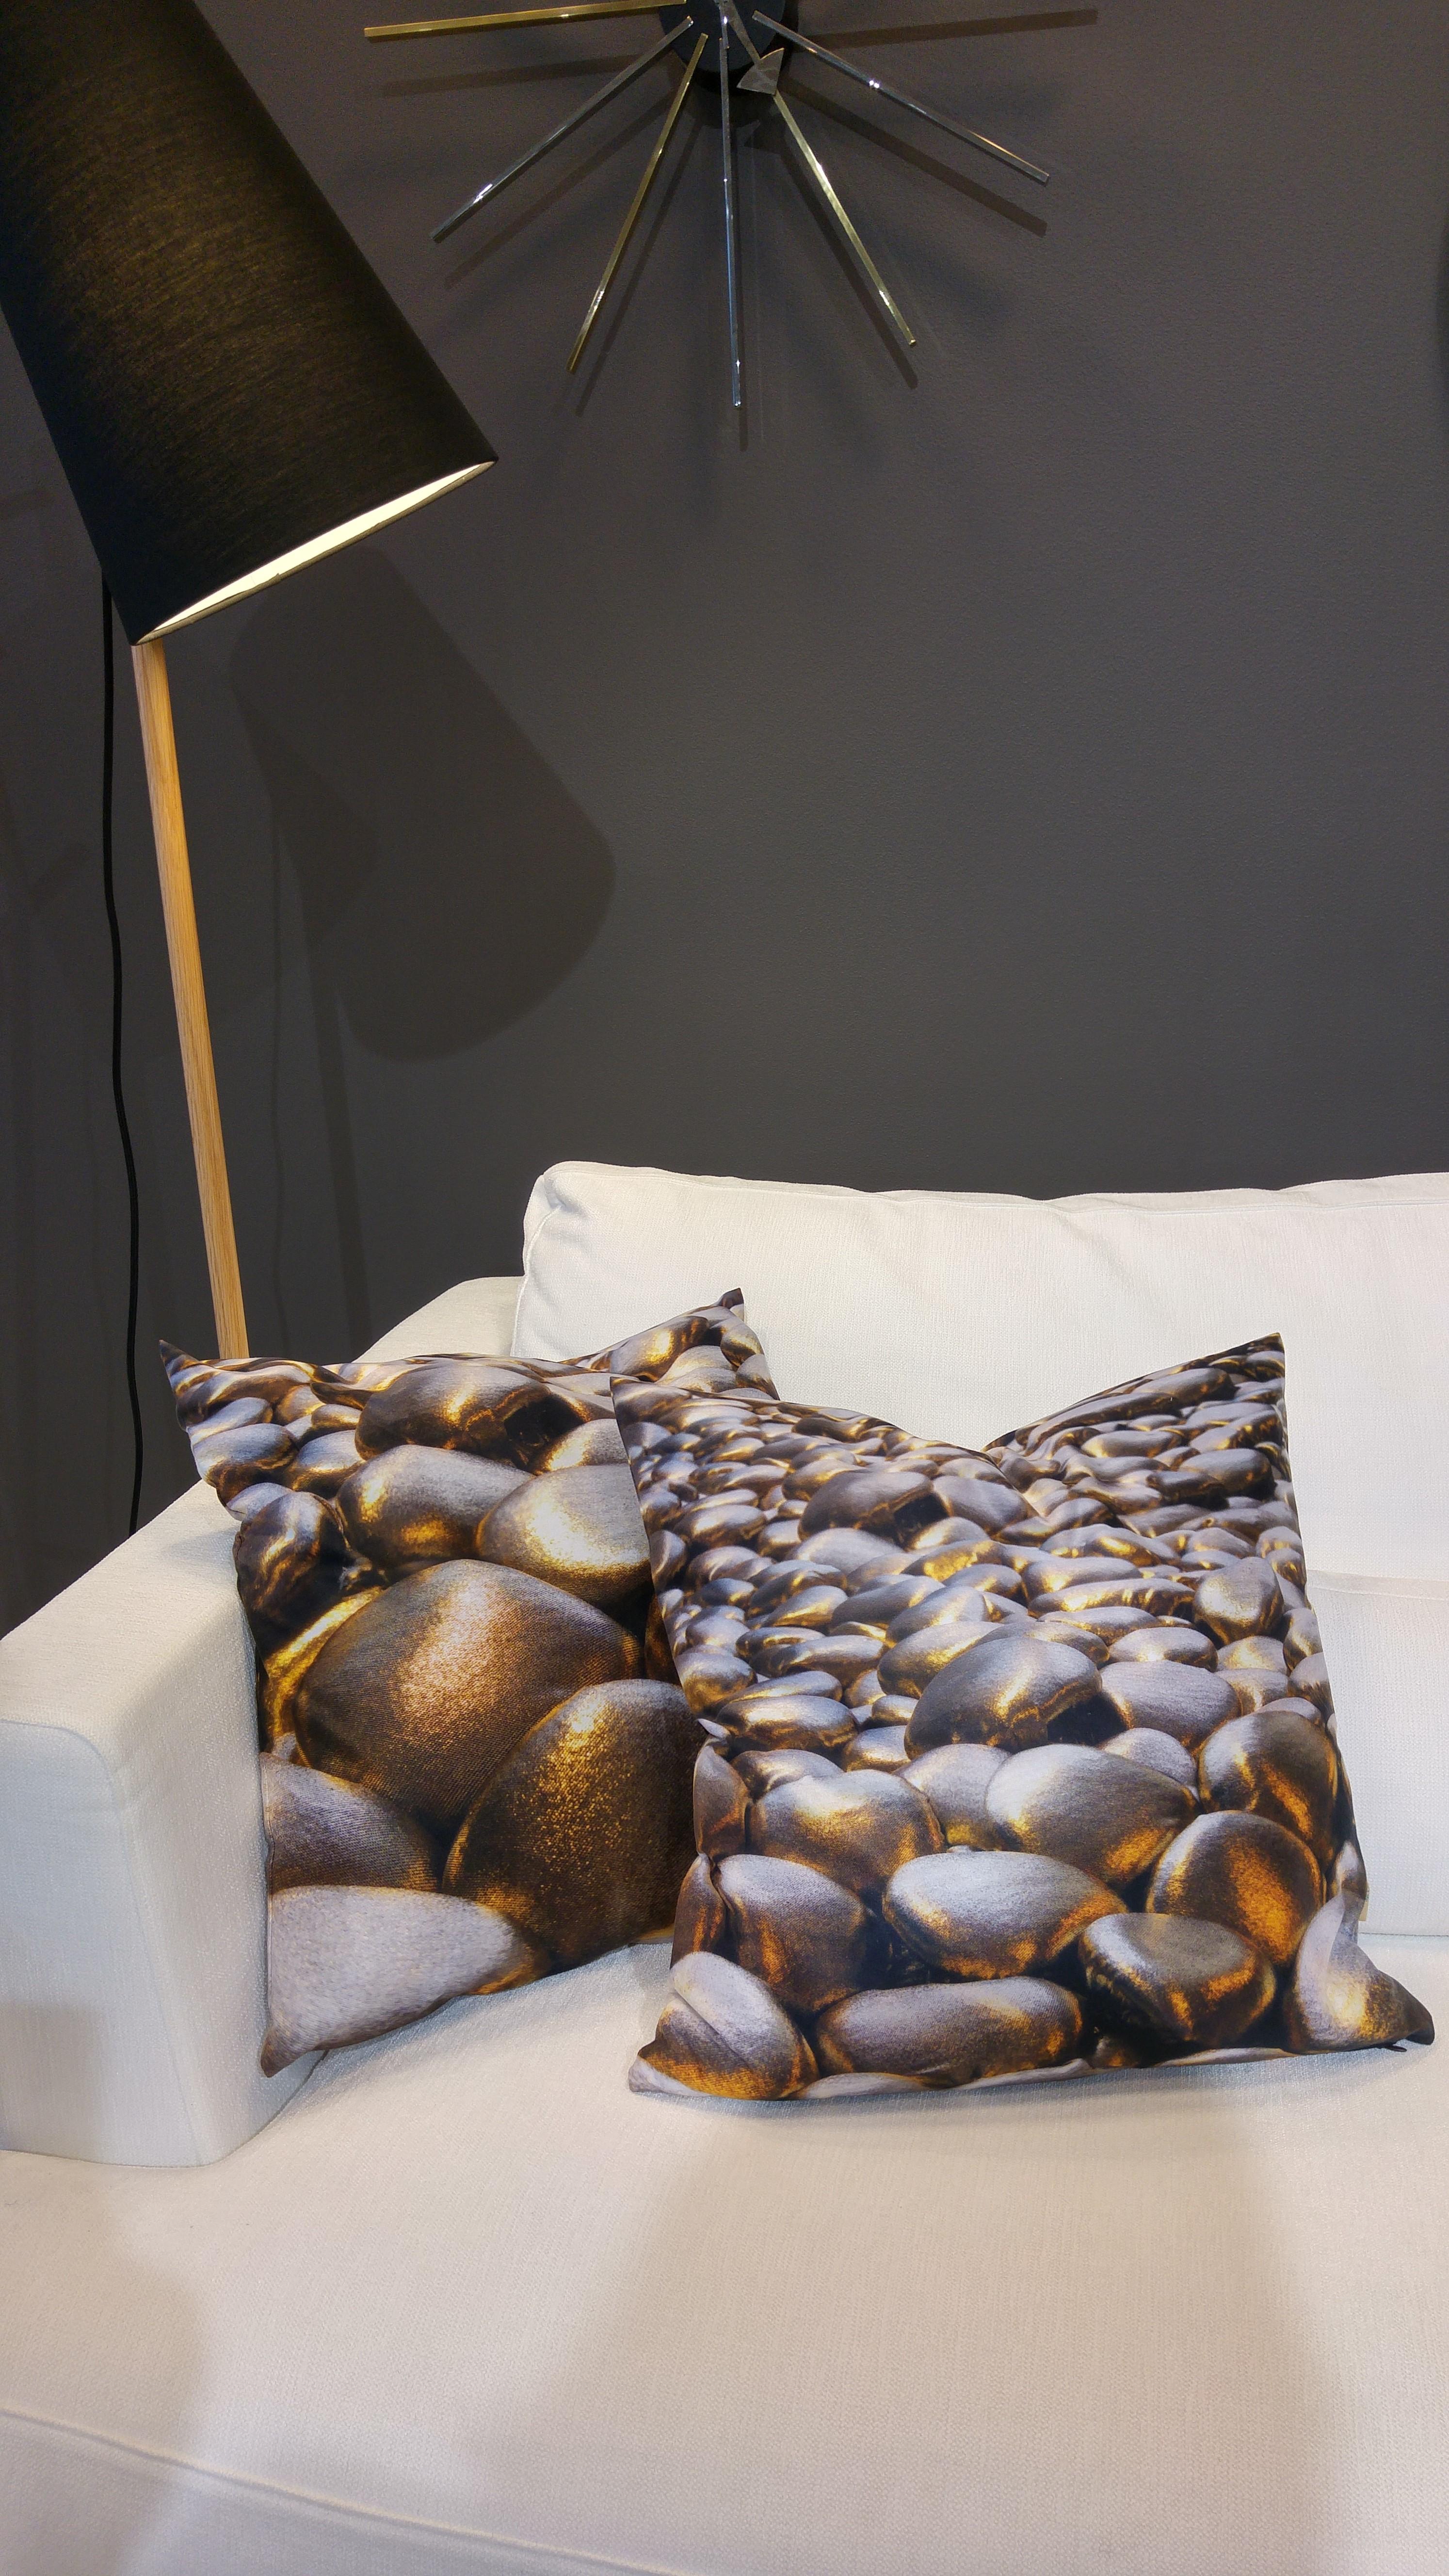 3D Textile Stones, Decorative Trio-2, by Liivi Leppik